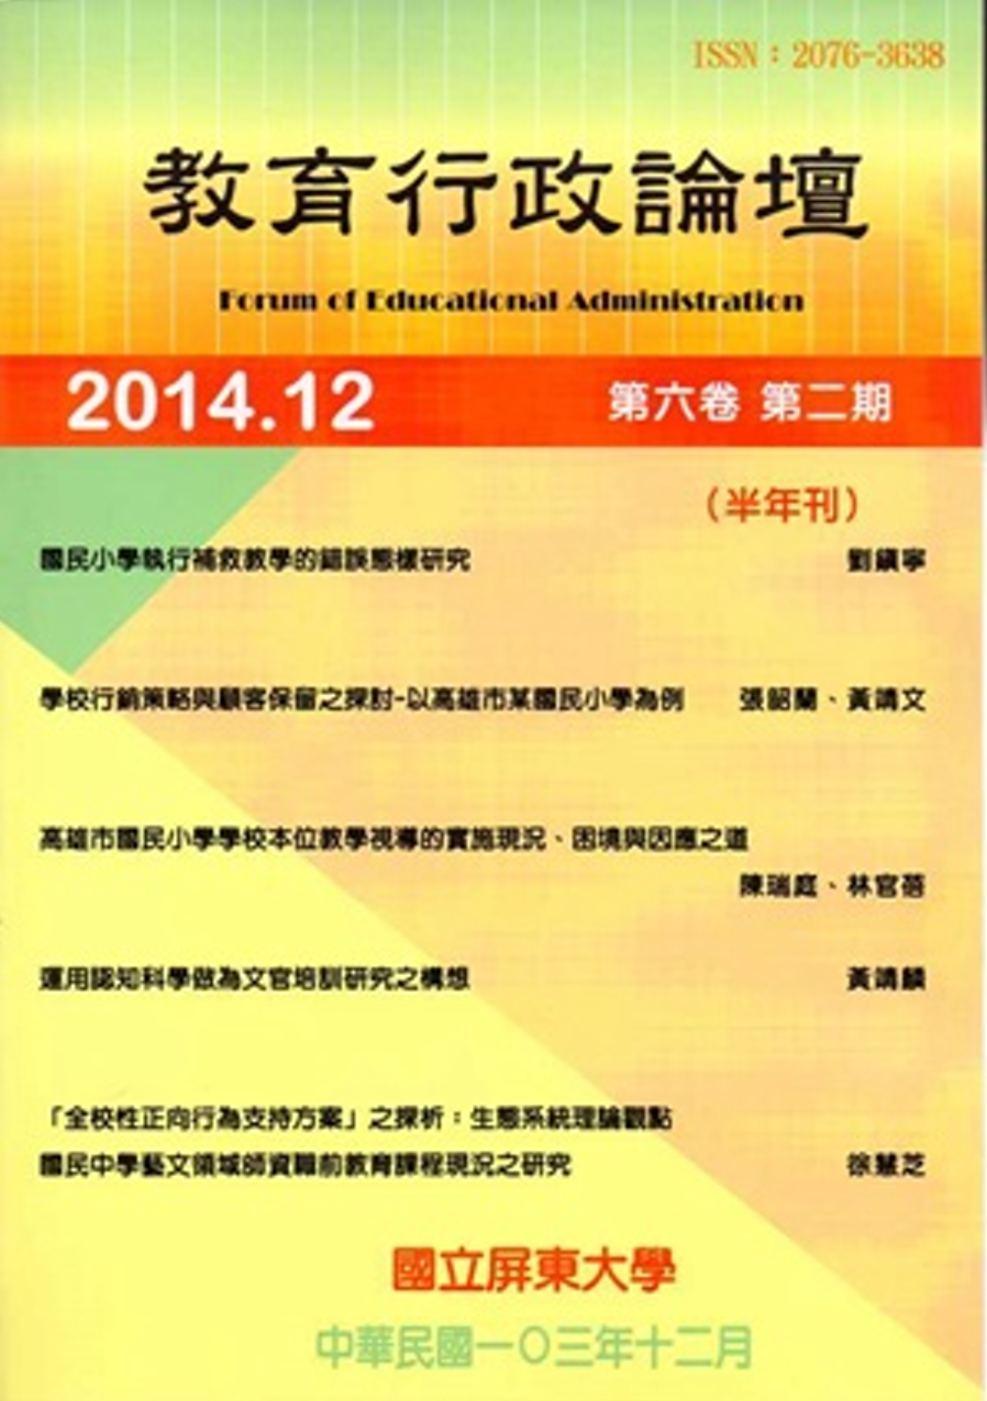 教育行政論壇第6卷第2期(半年刊)